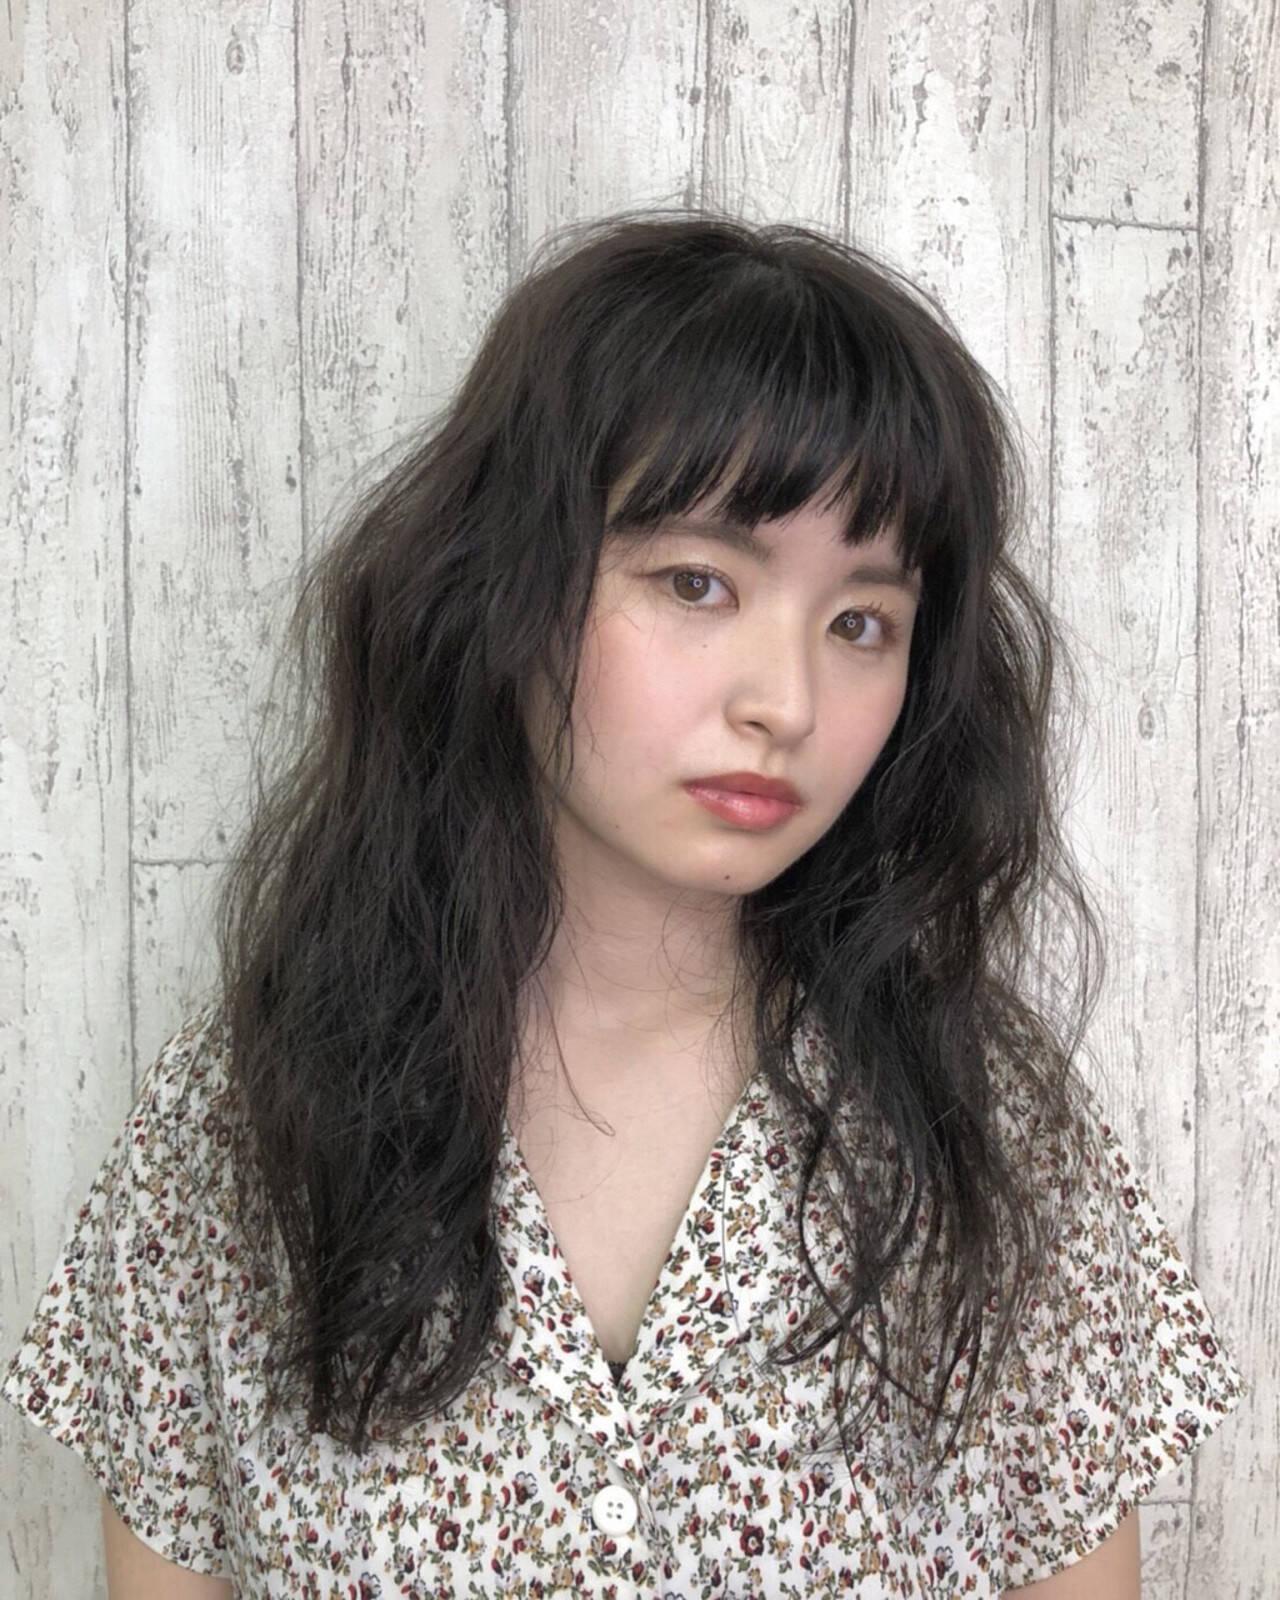 ロング ナチュラル 暗髪 前髪ありヘアスタイルや髪型の写真・画像